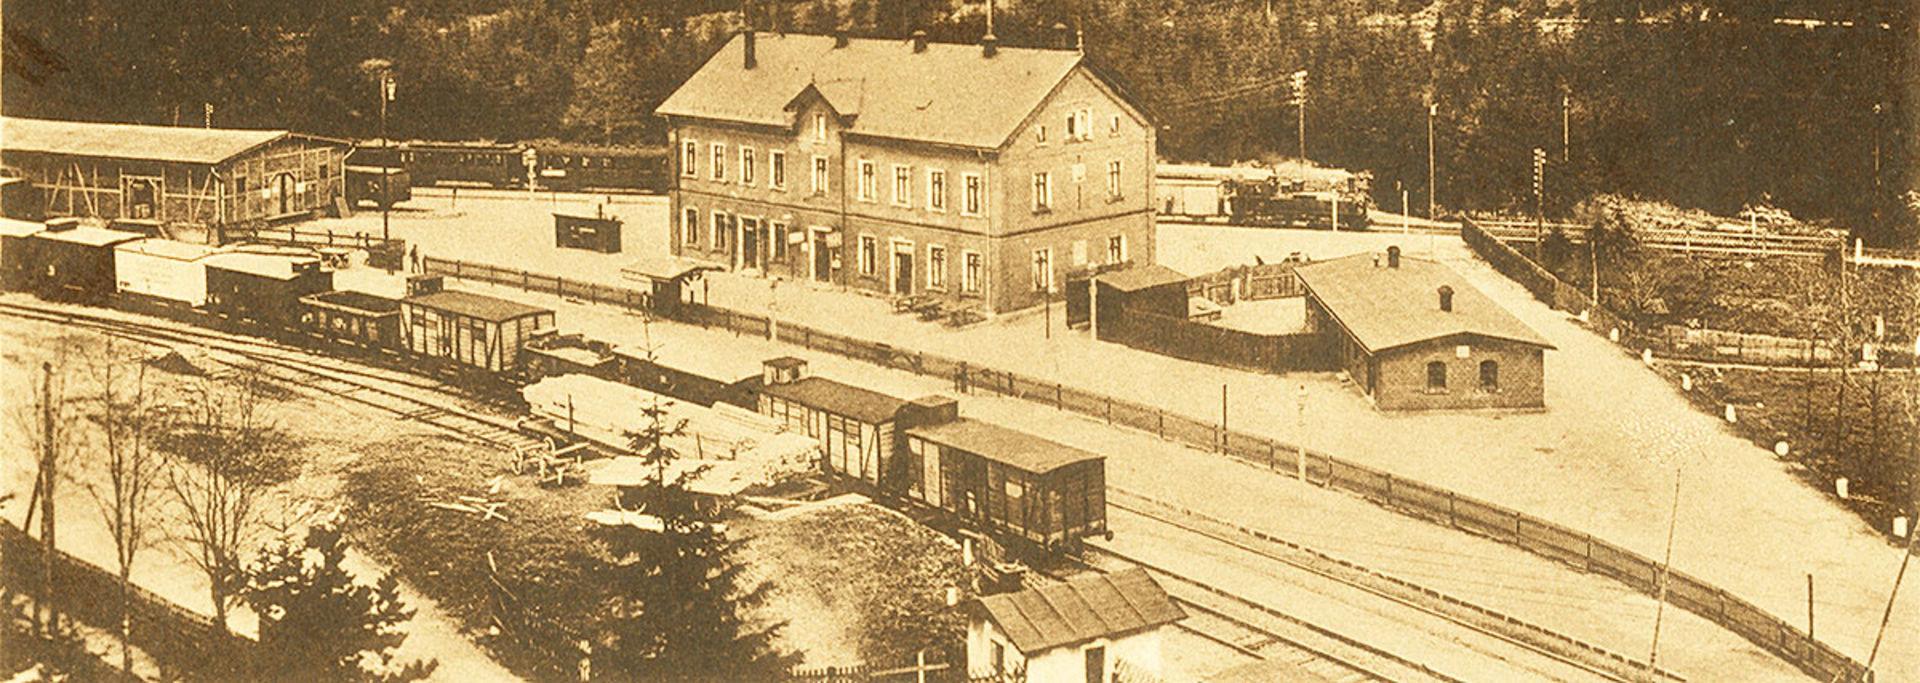 Historischer Bahnhof Wiltzschaus (Schönheide Süd)  © Sammlung A Linz